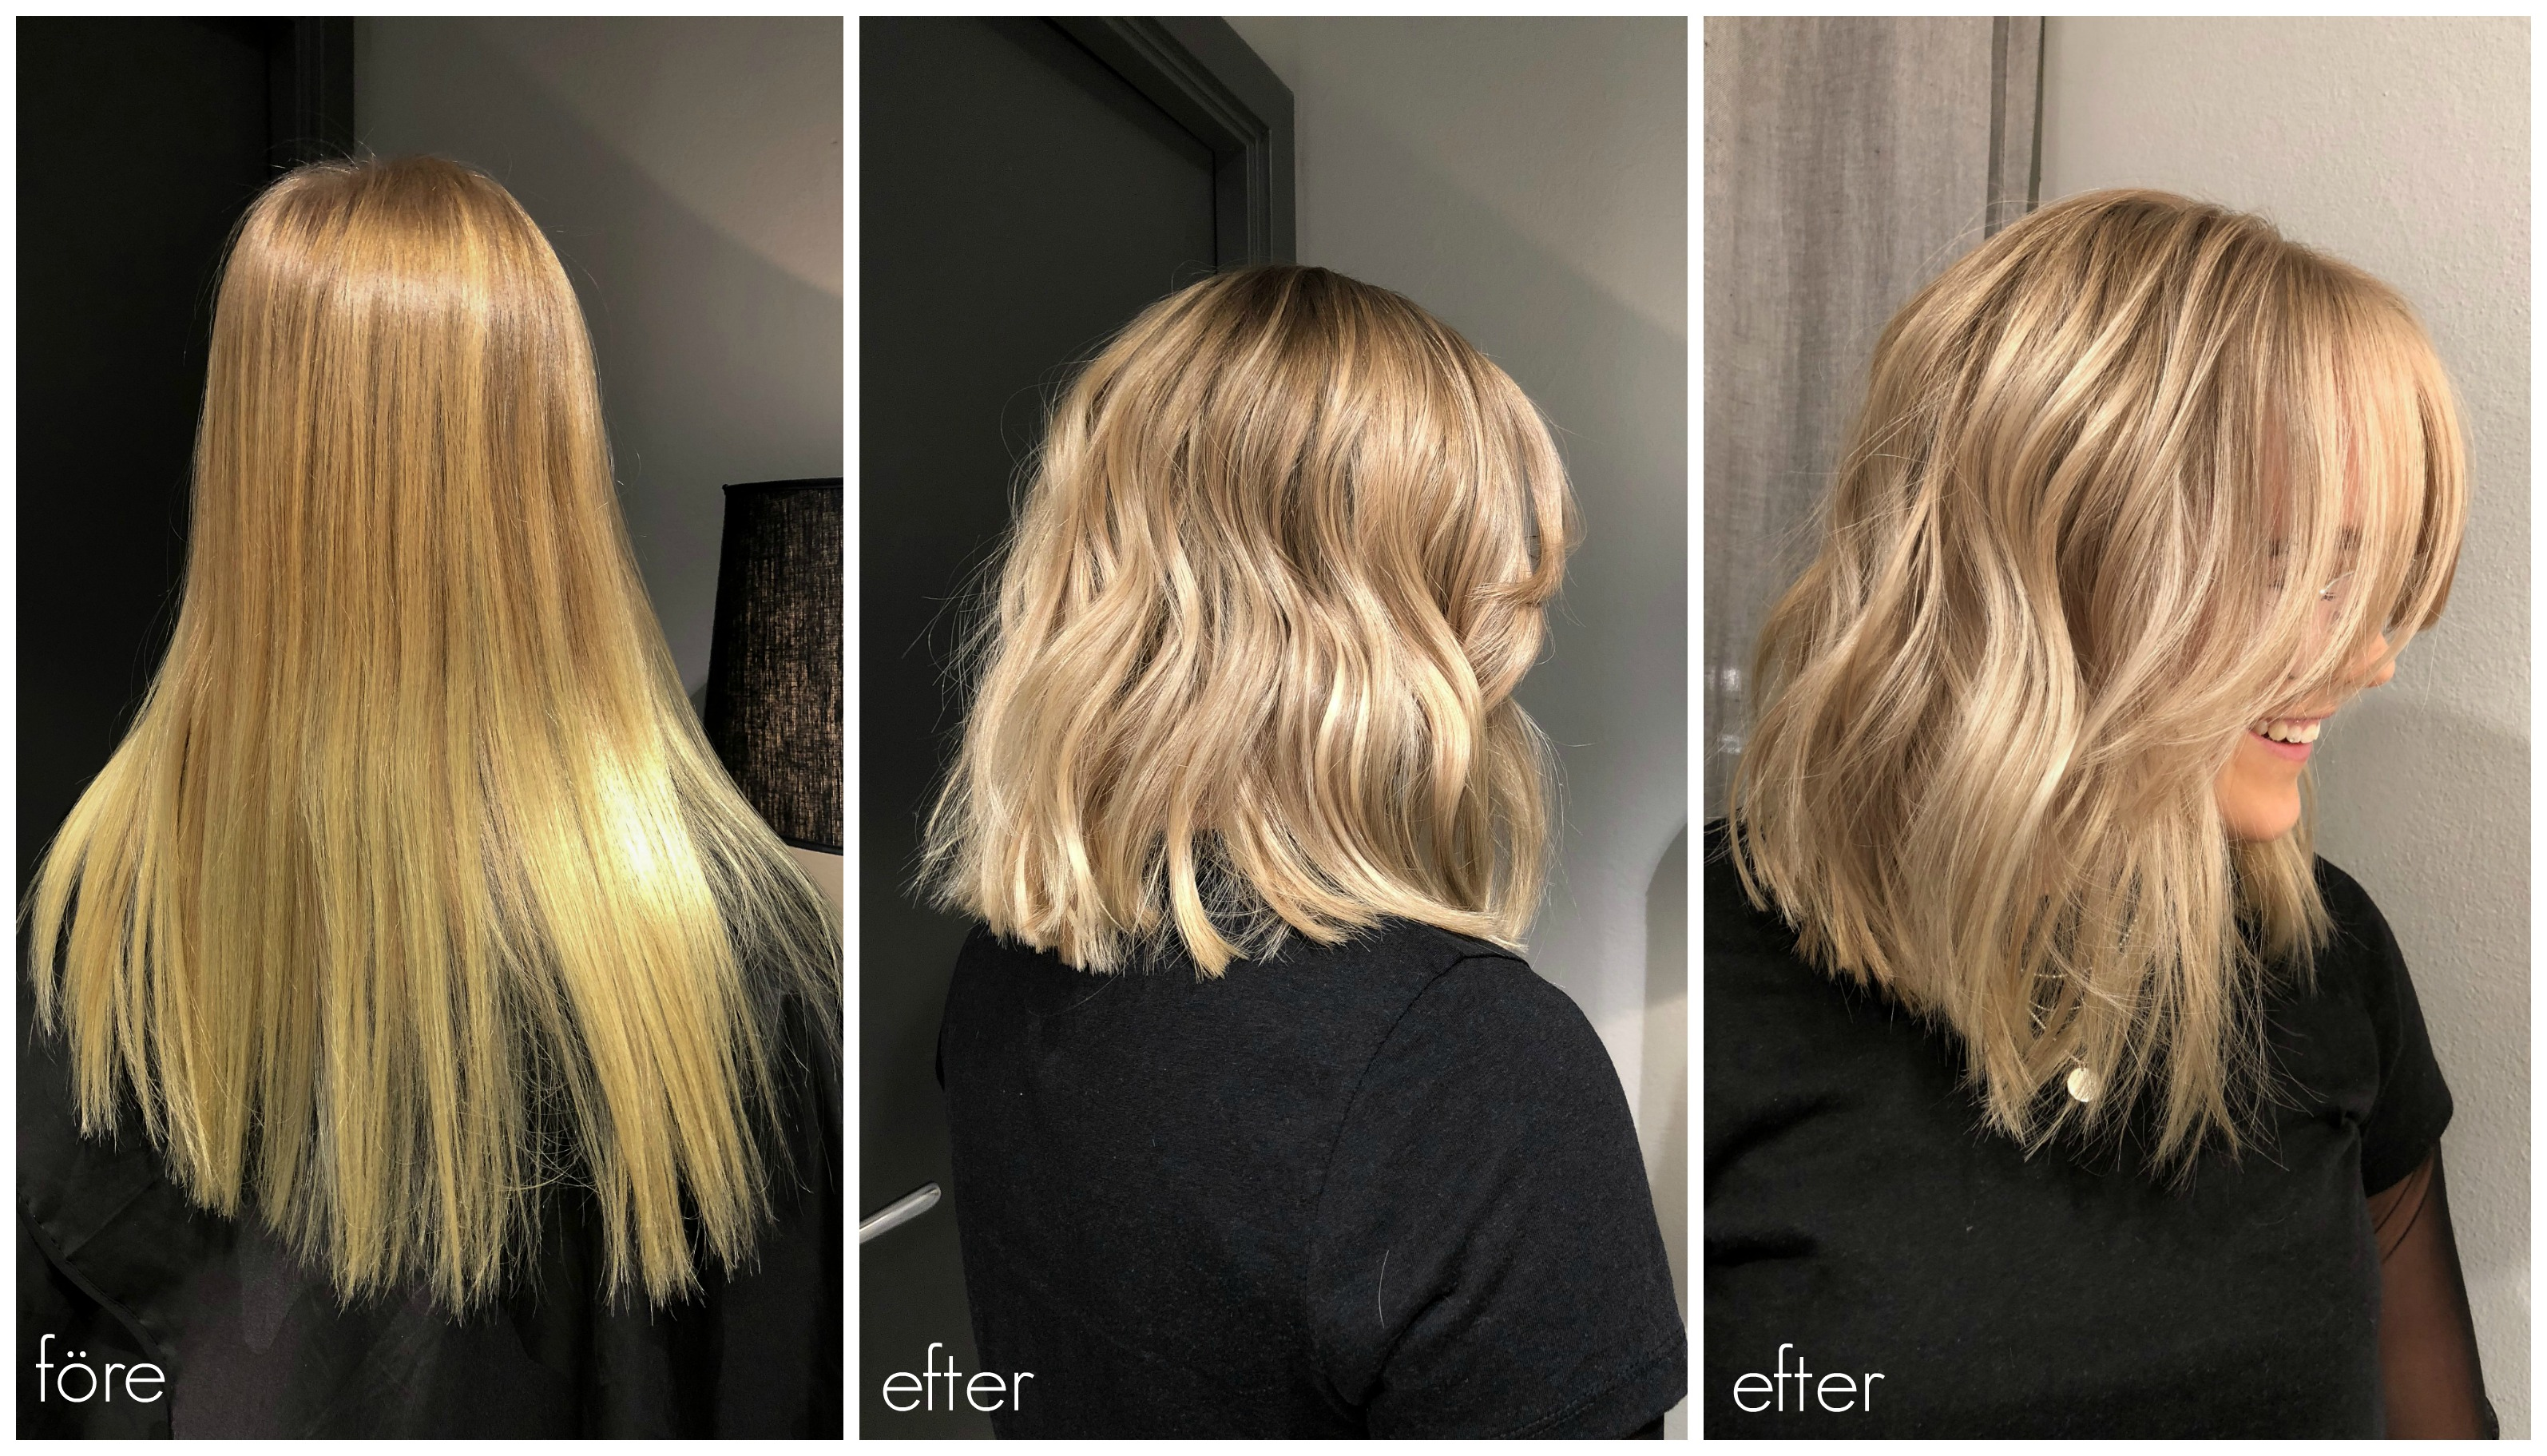 hur mycket växer håret på ett år